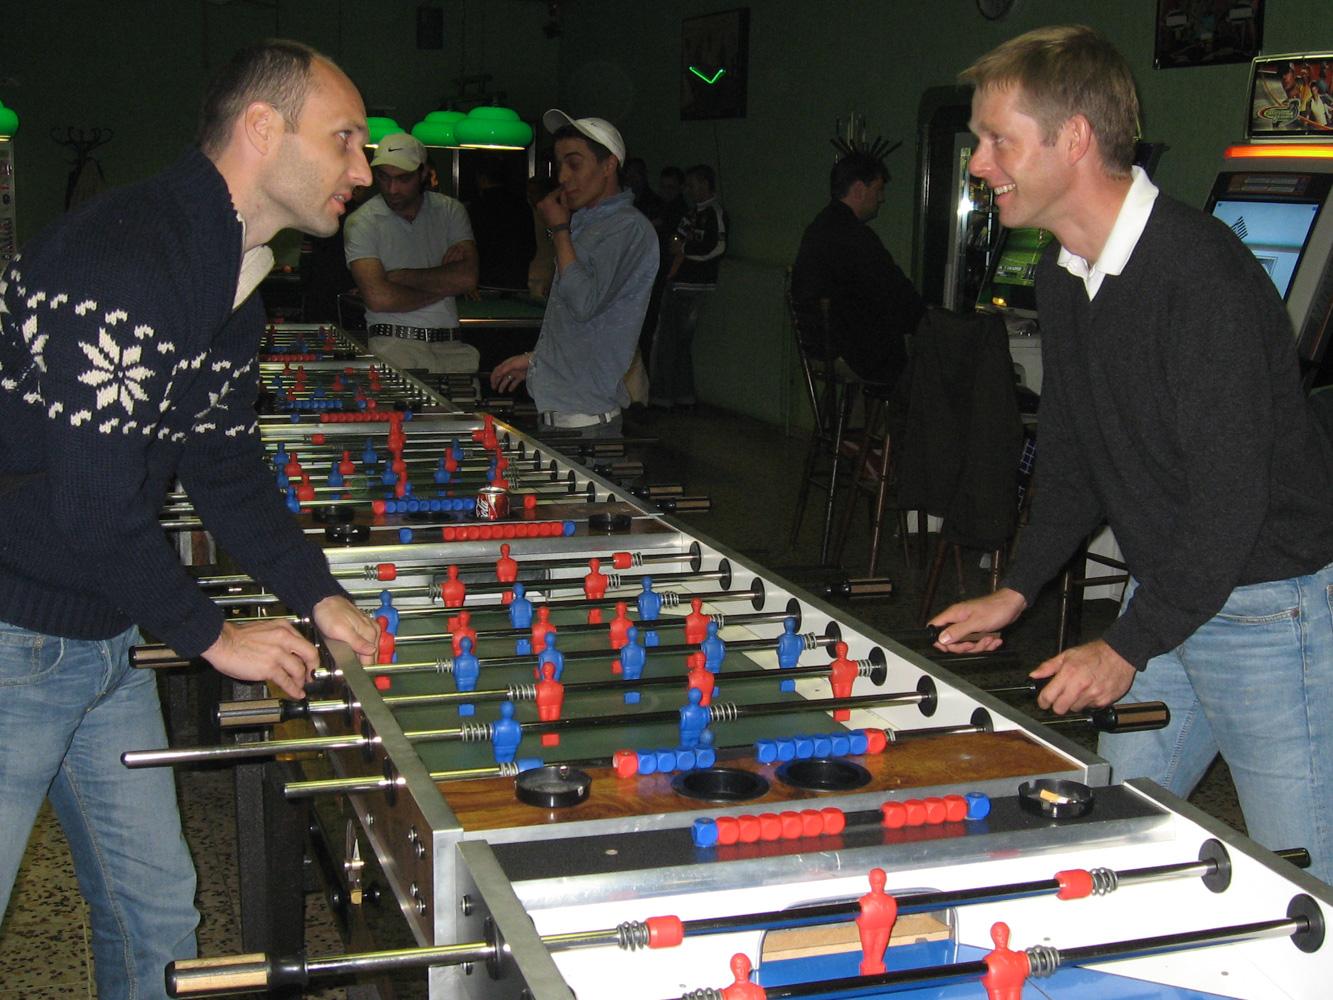 Bei unserem ersten echten Treffen im Oktober 2006 und unserem ersten Tischfußballspiel. Es sollten viele Hundert folgen, von denen Helge alle gewann.